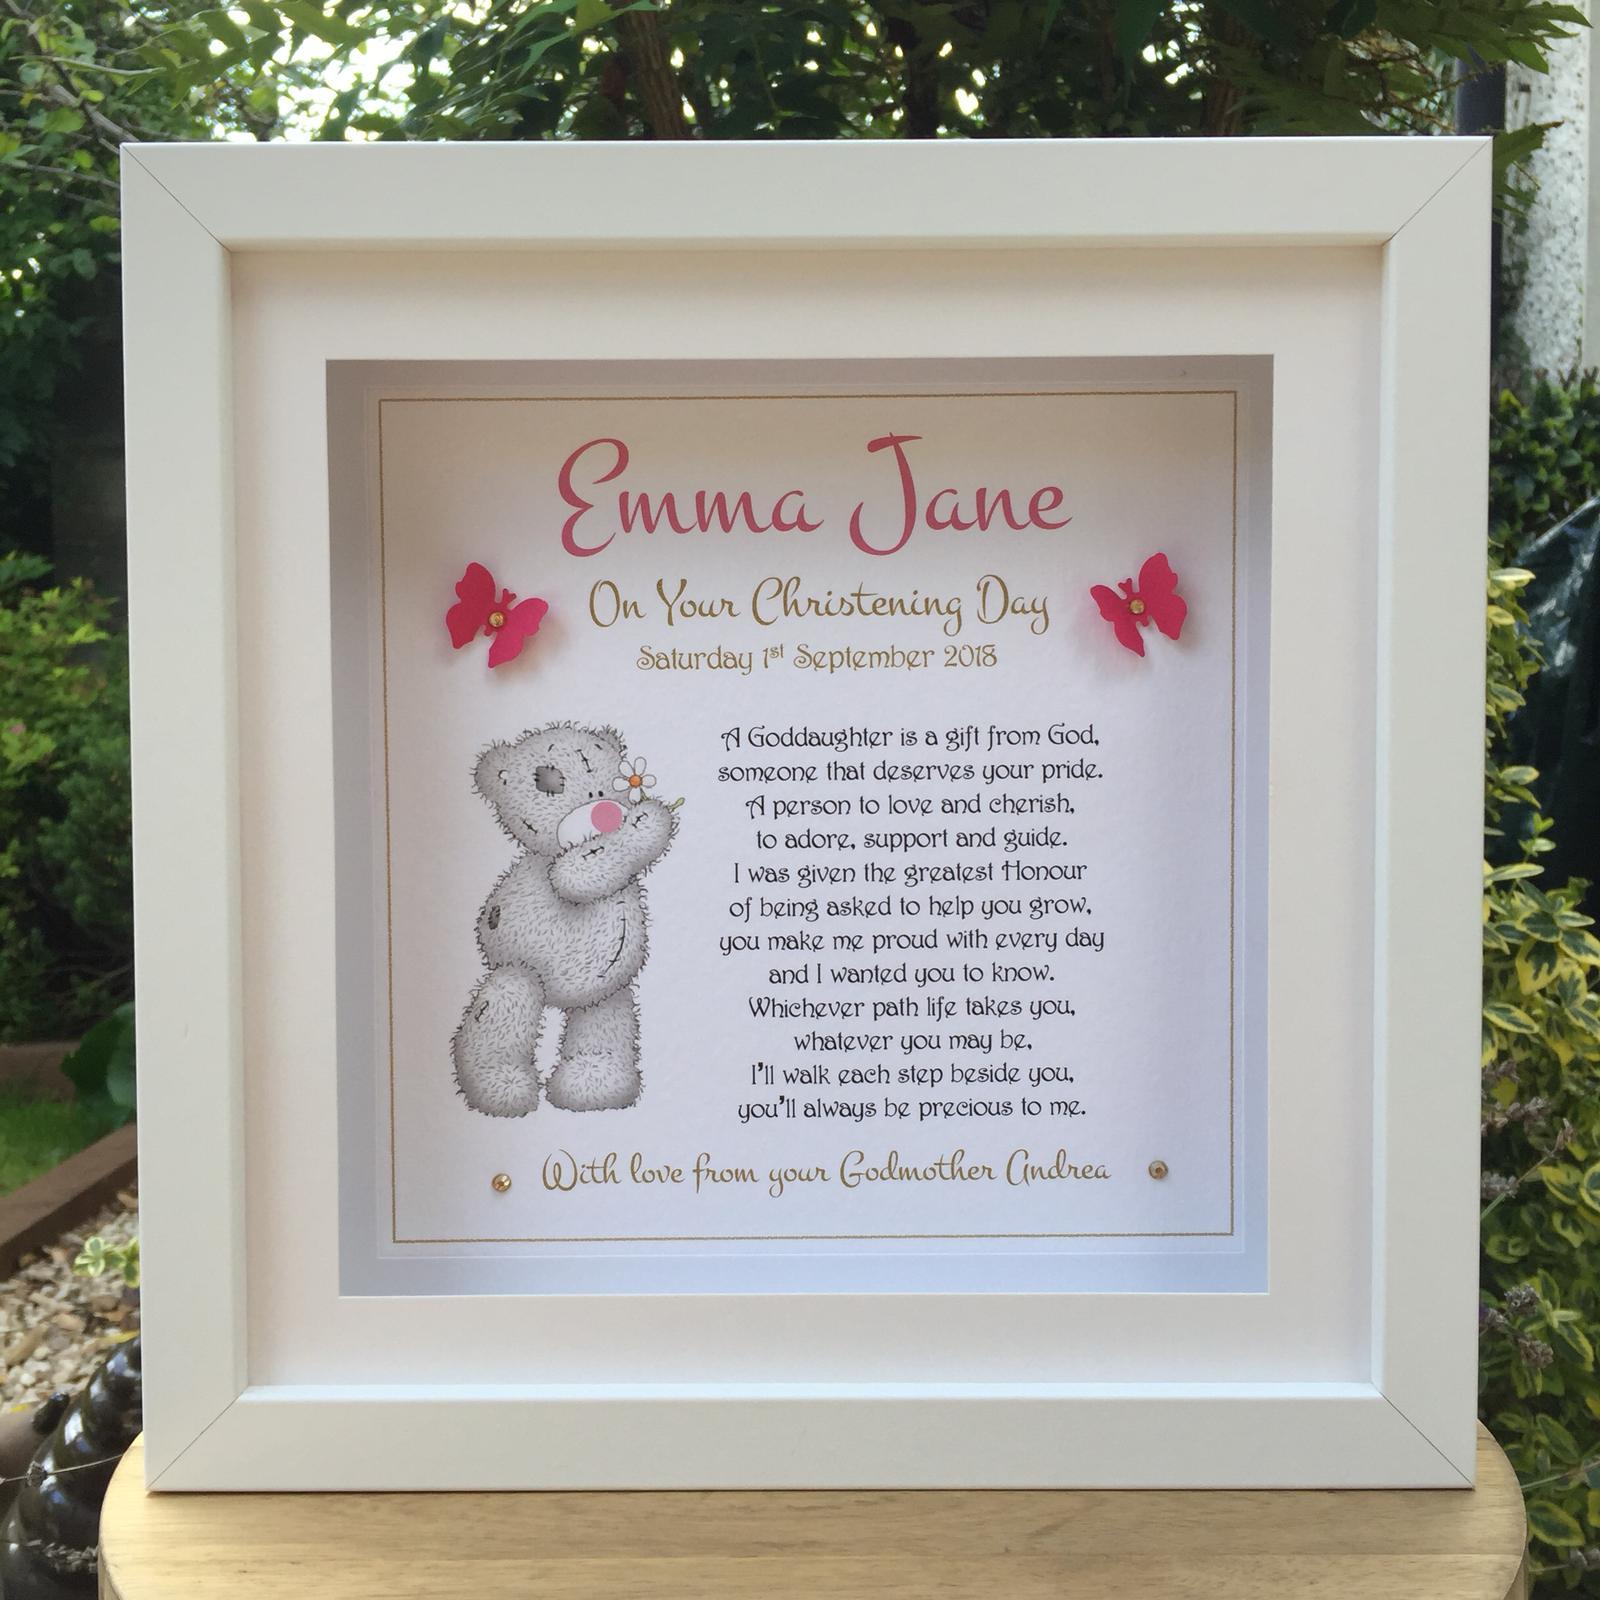 Personalised Gift Frame Christening Goddaughter